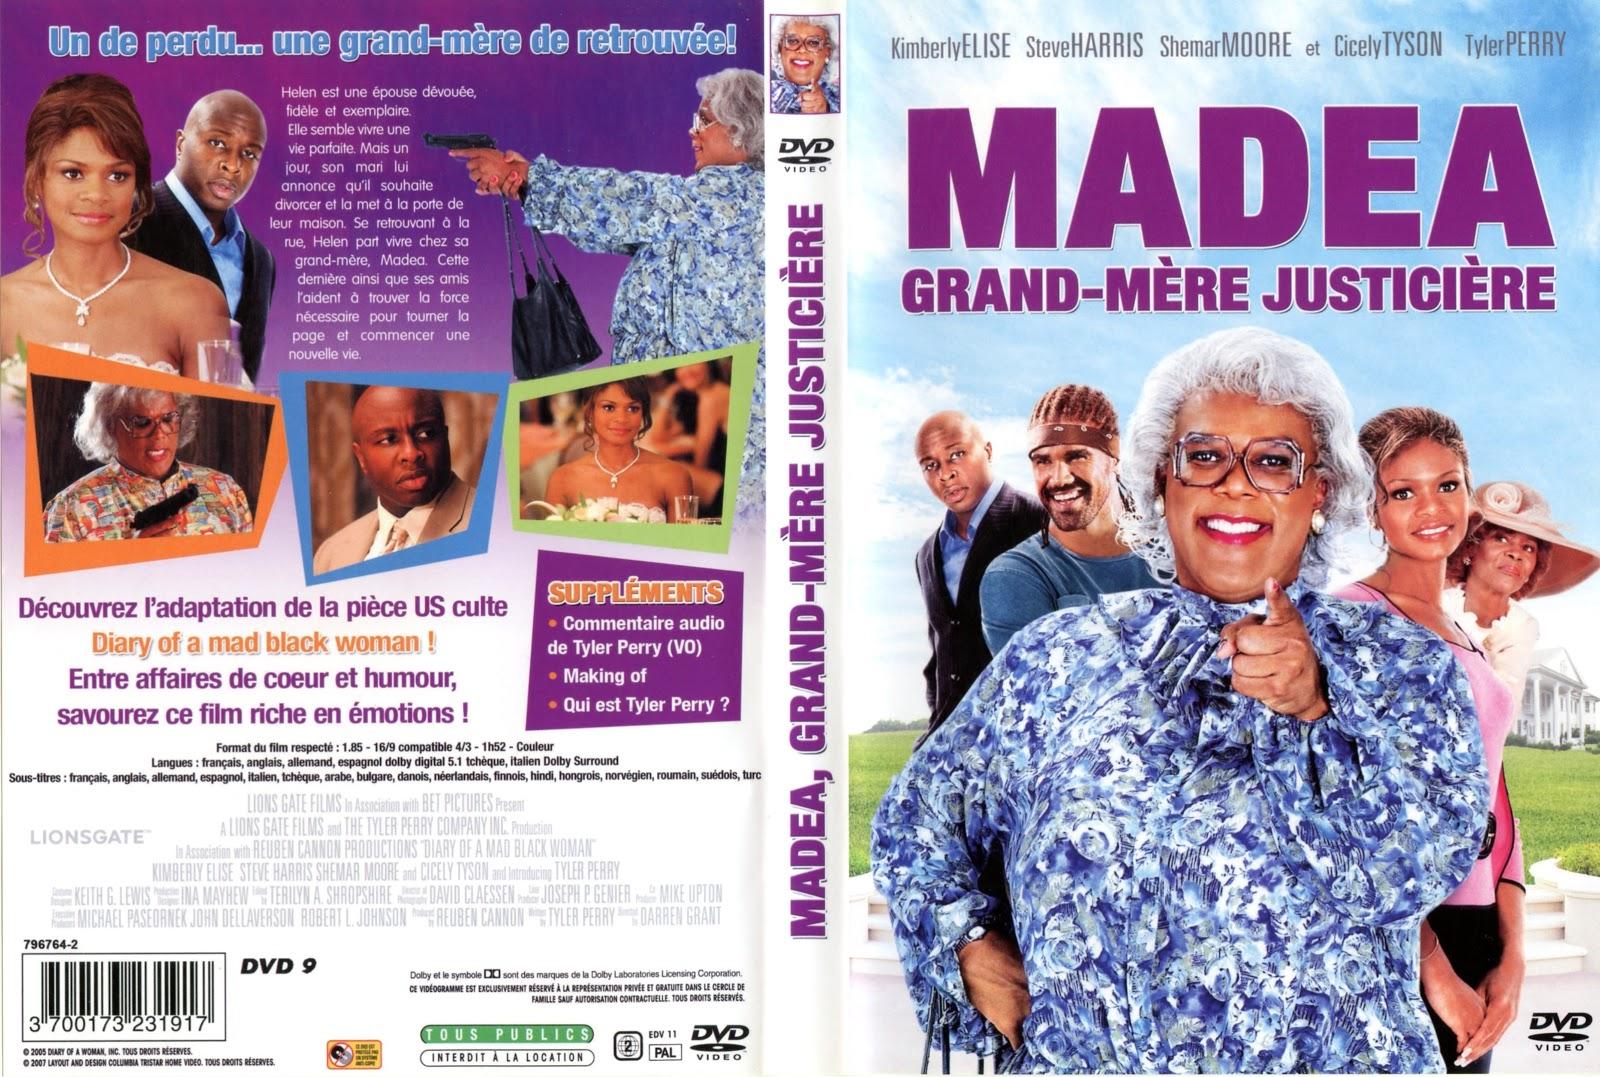 madea grand mère justicière gratuitement